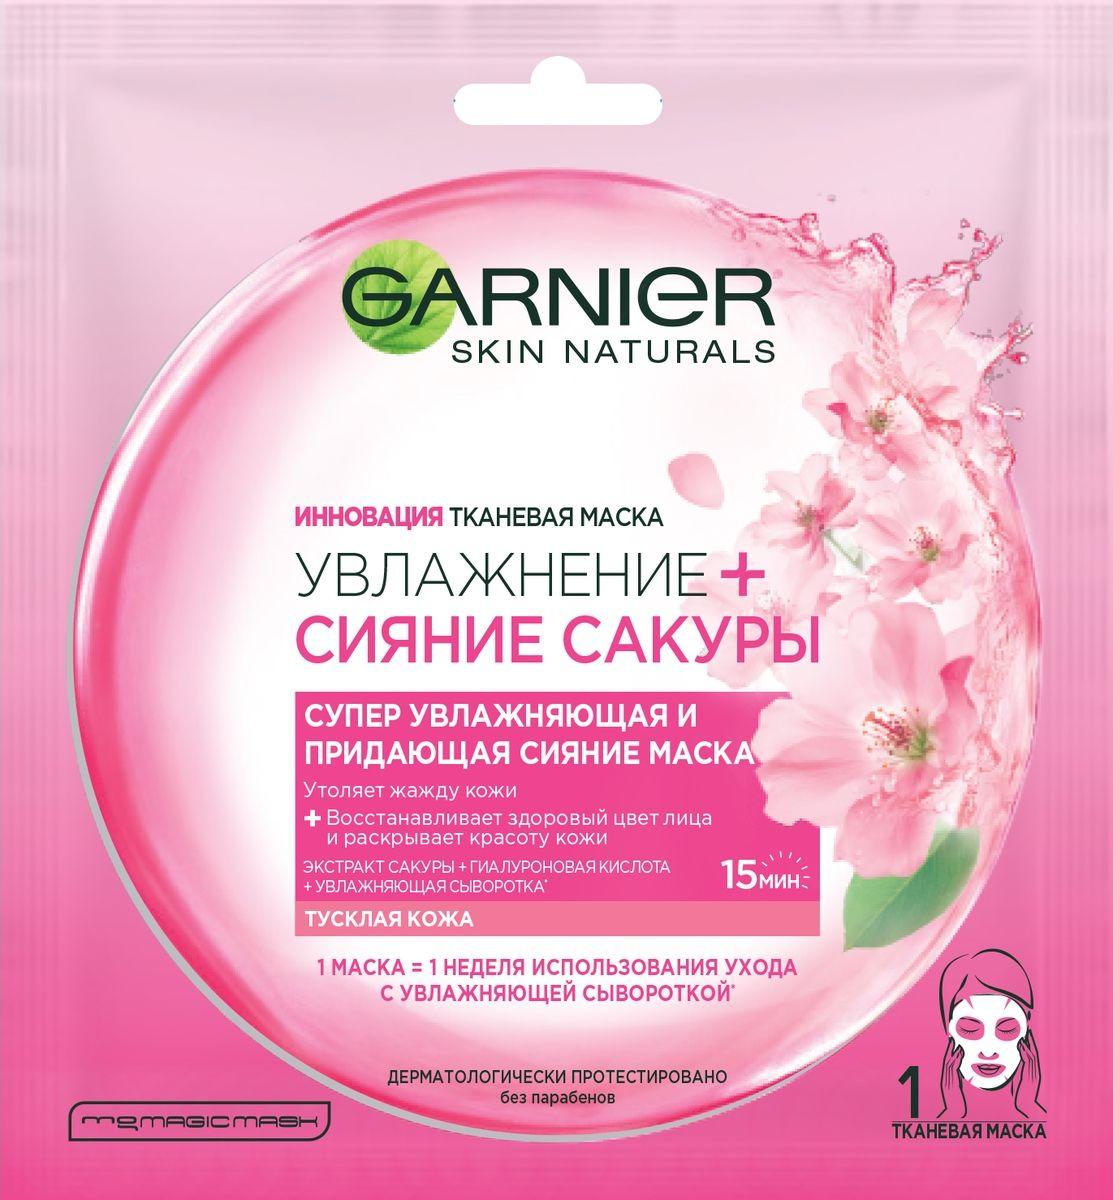 Маска для лица Garnier Увлажнение + Сияние Сакуры, тканевая, увлажняющая, для тусклой кожи, 32 гр garnier тканевая маска увлажнение комфорт супер увлажняющая и успокаивающая для сухой и чувствительной кожи 32 гр